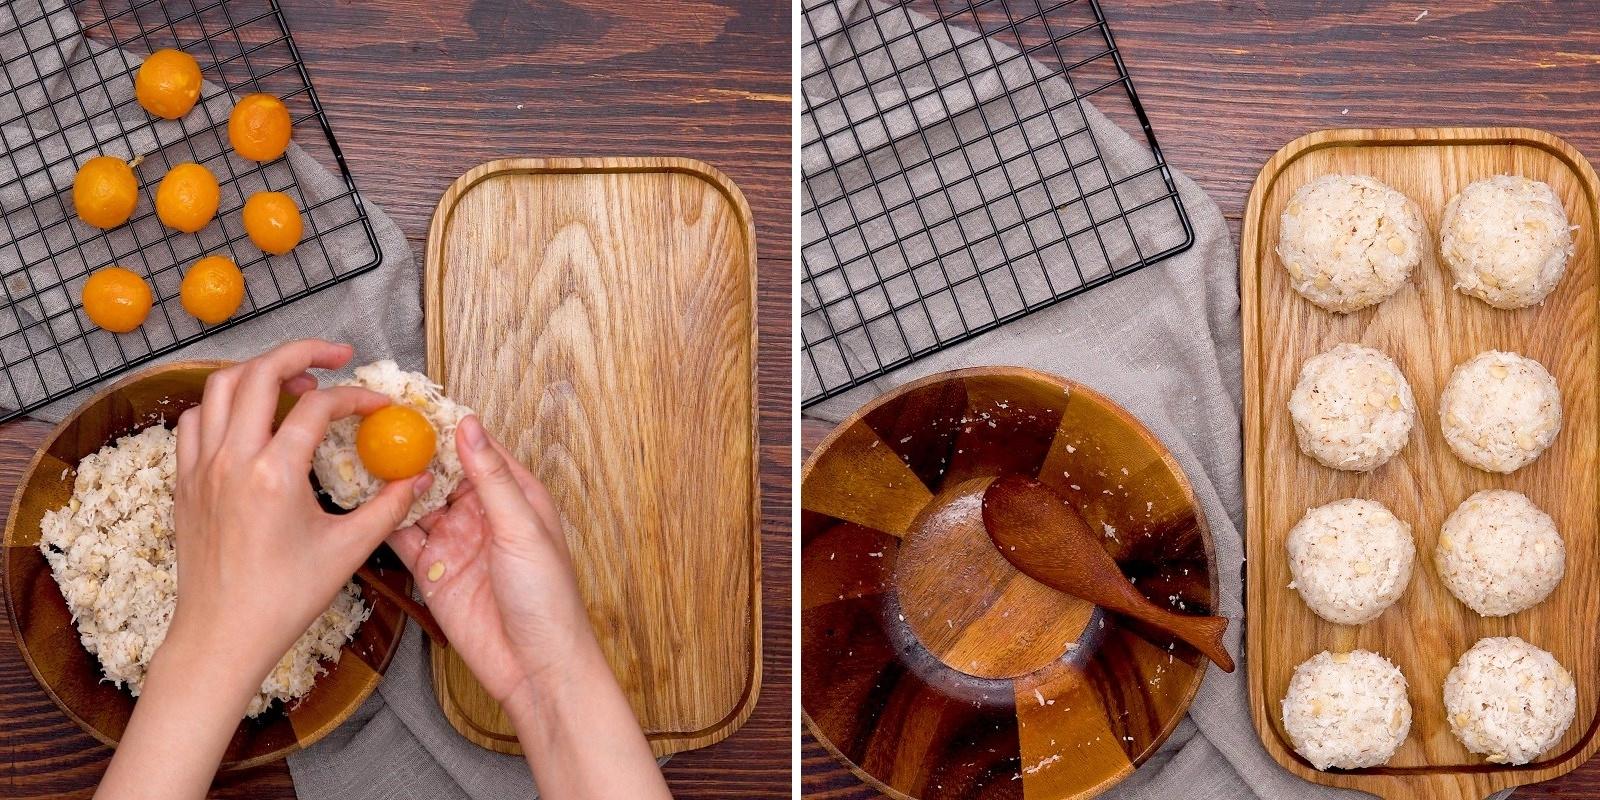 Vo tròn nhân sữa dừa trứng muối bánh trung thu